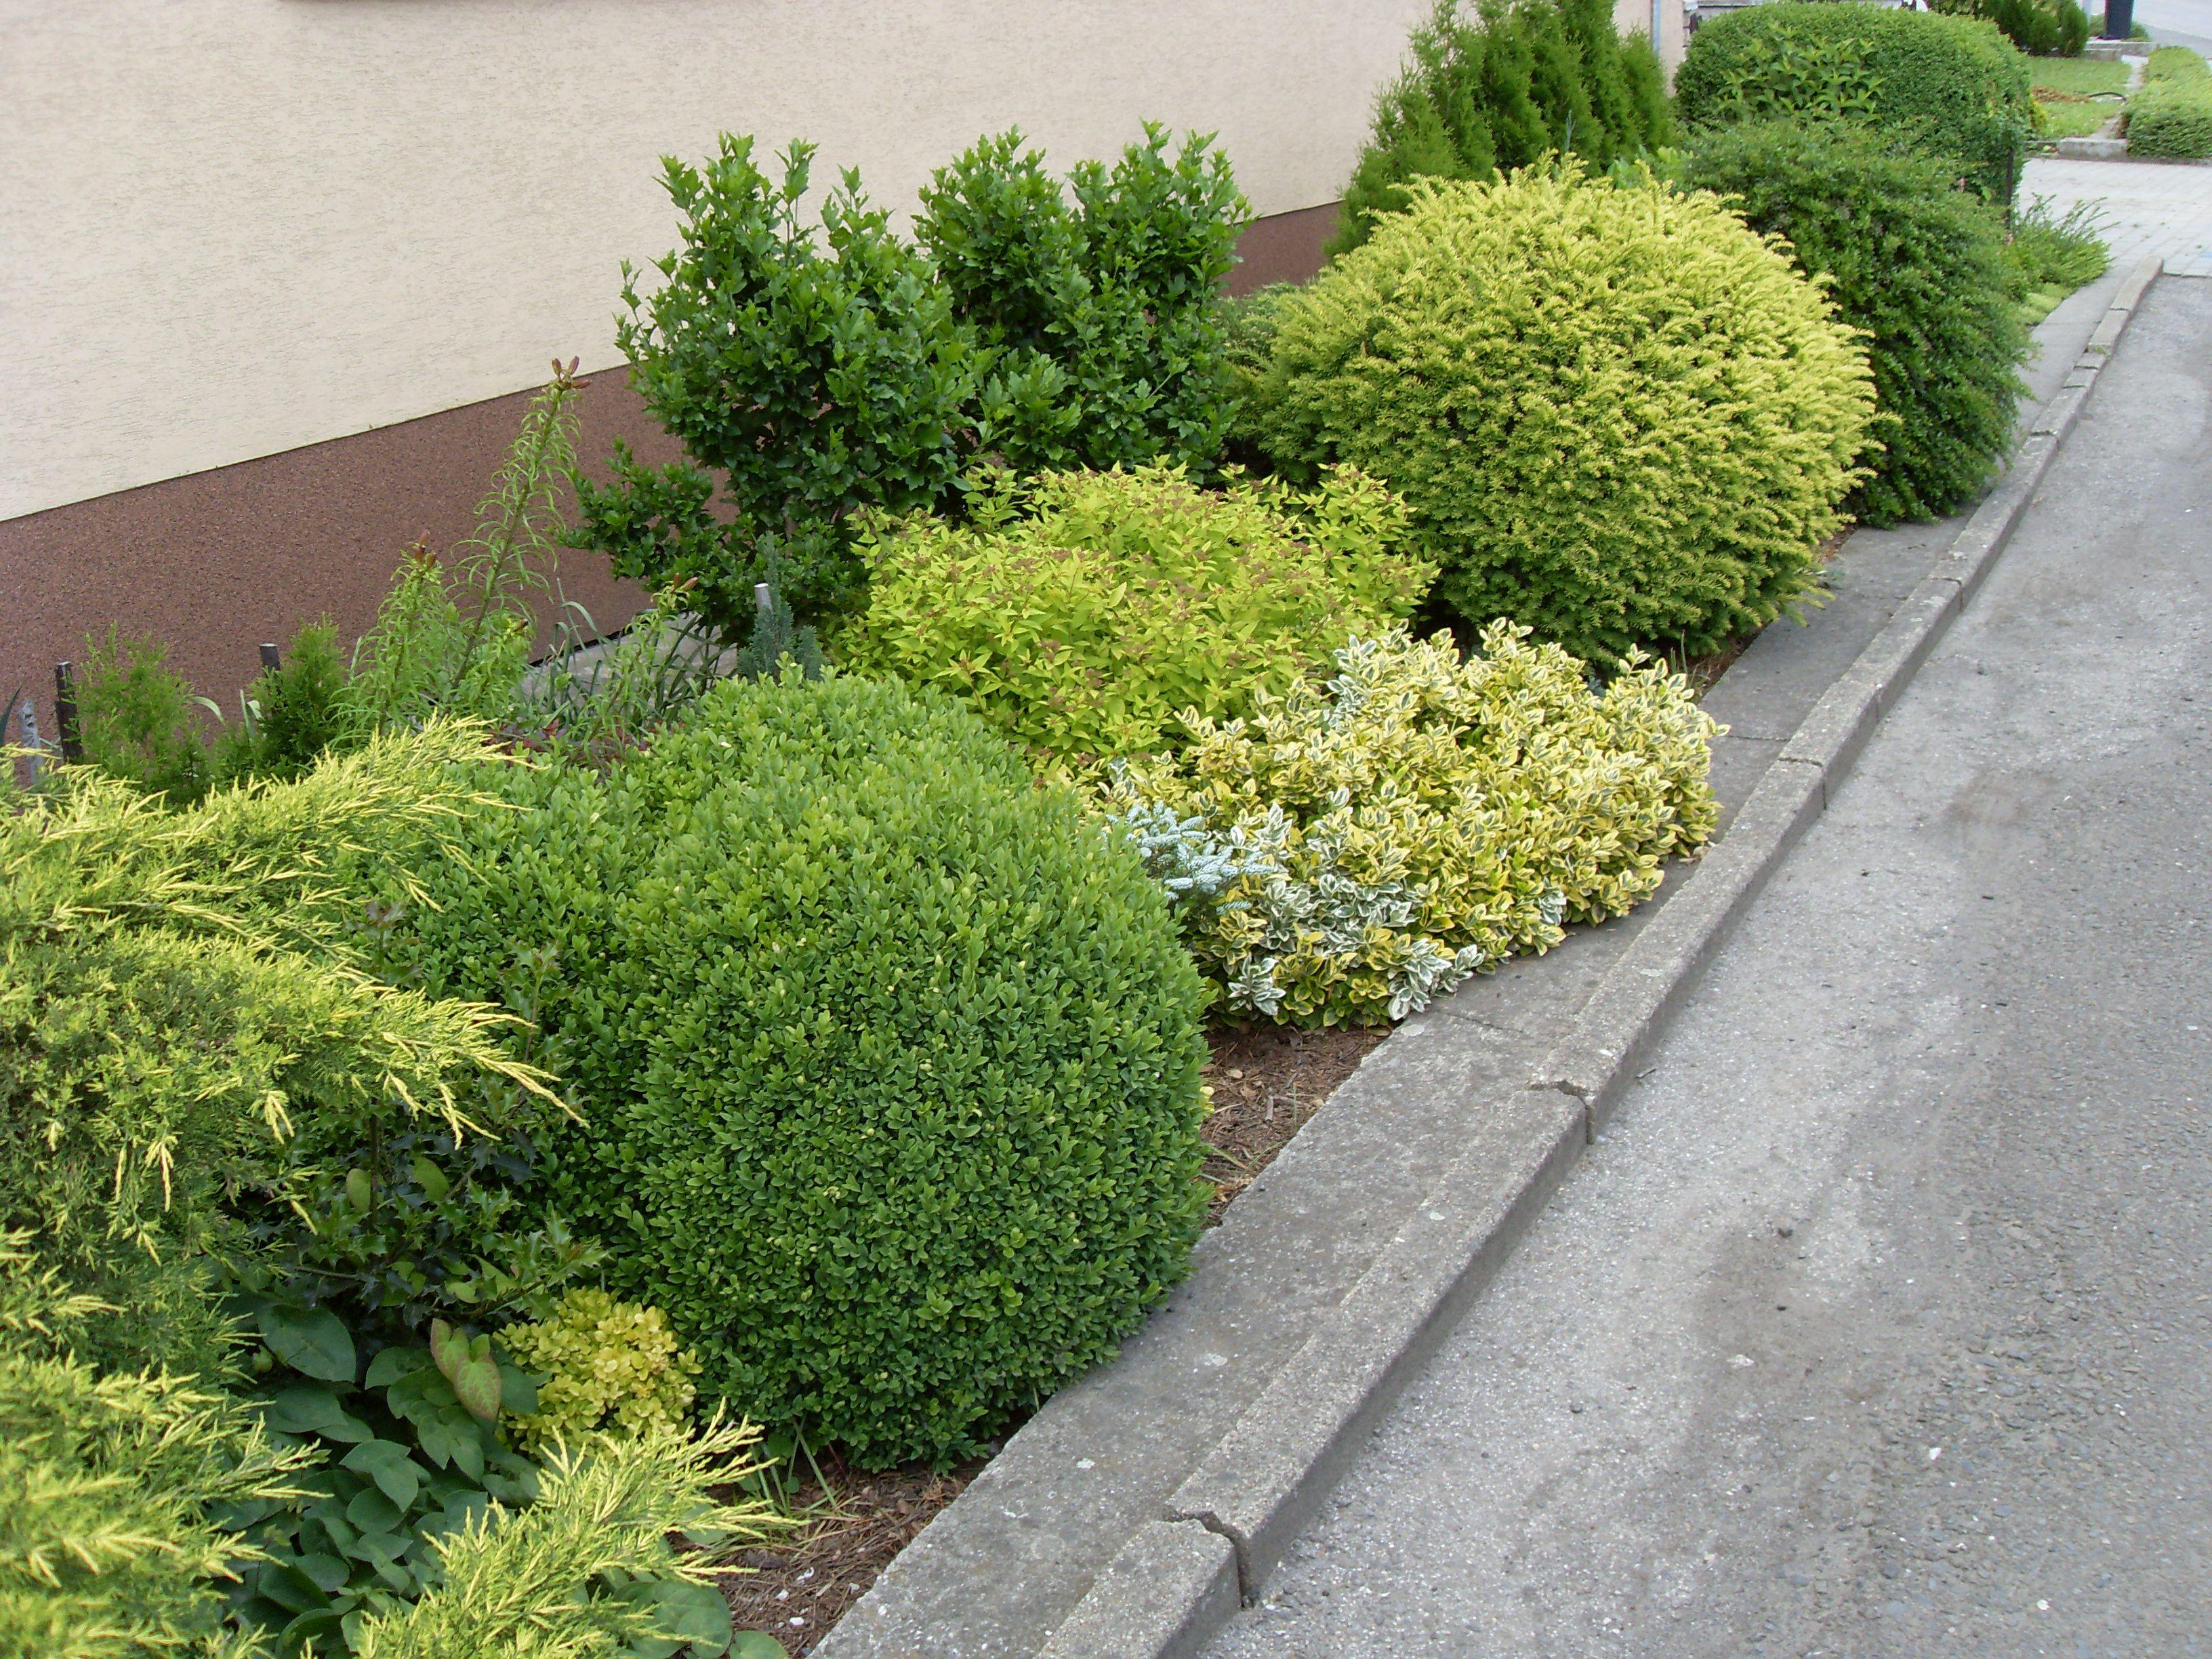 Zeleň před domem